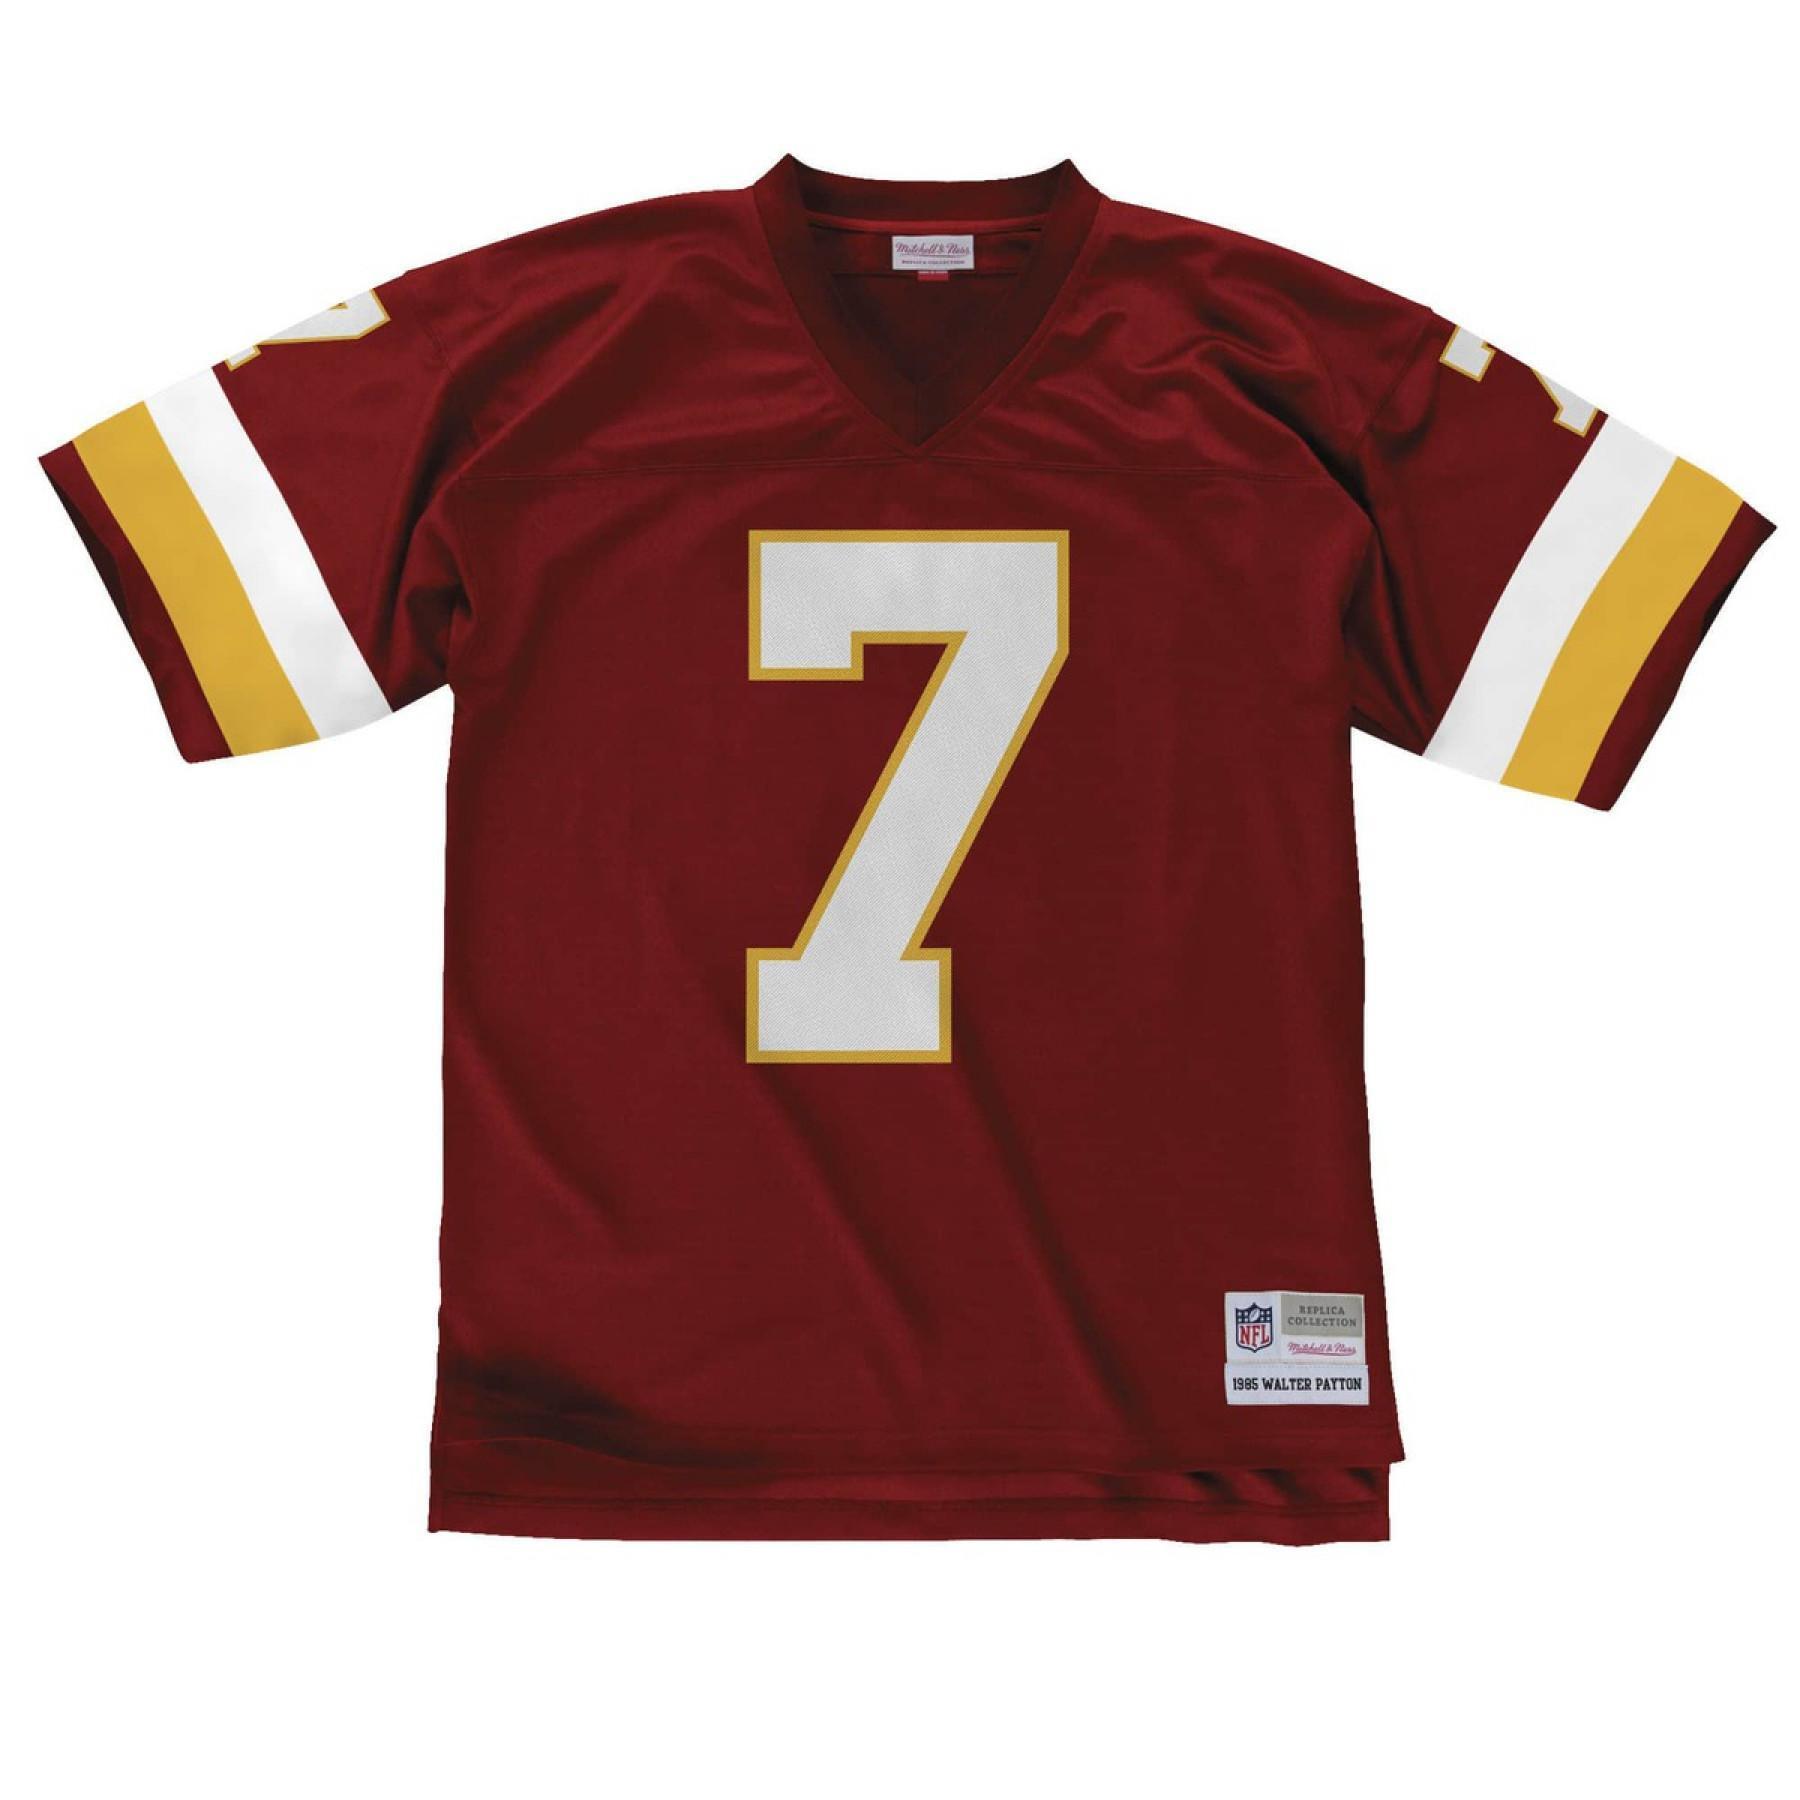 Vintage jersey Washington Redskins nfl